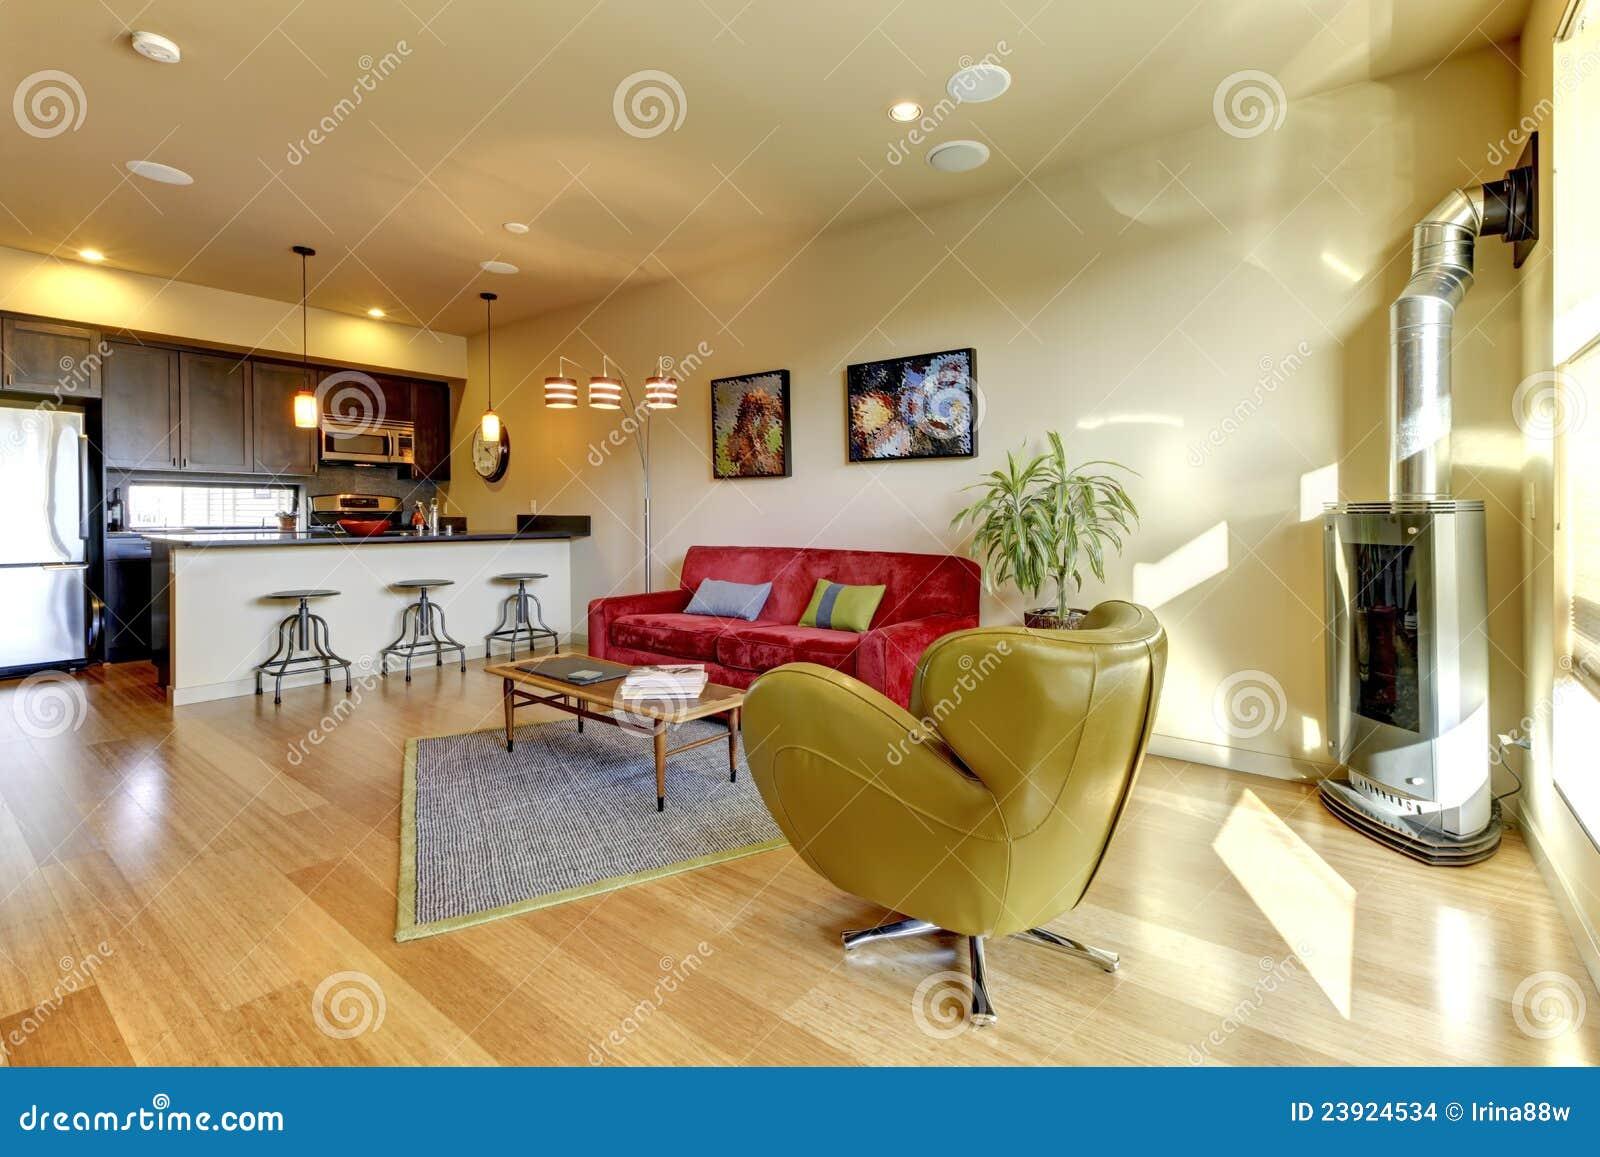 Salle de bain rouge et jaune avec plus de clarté photographies ...